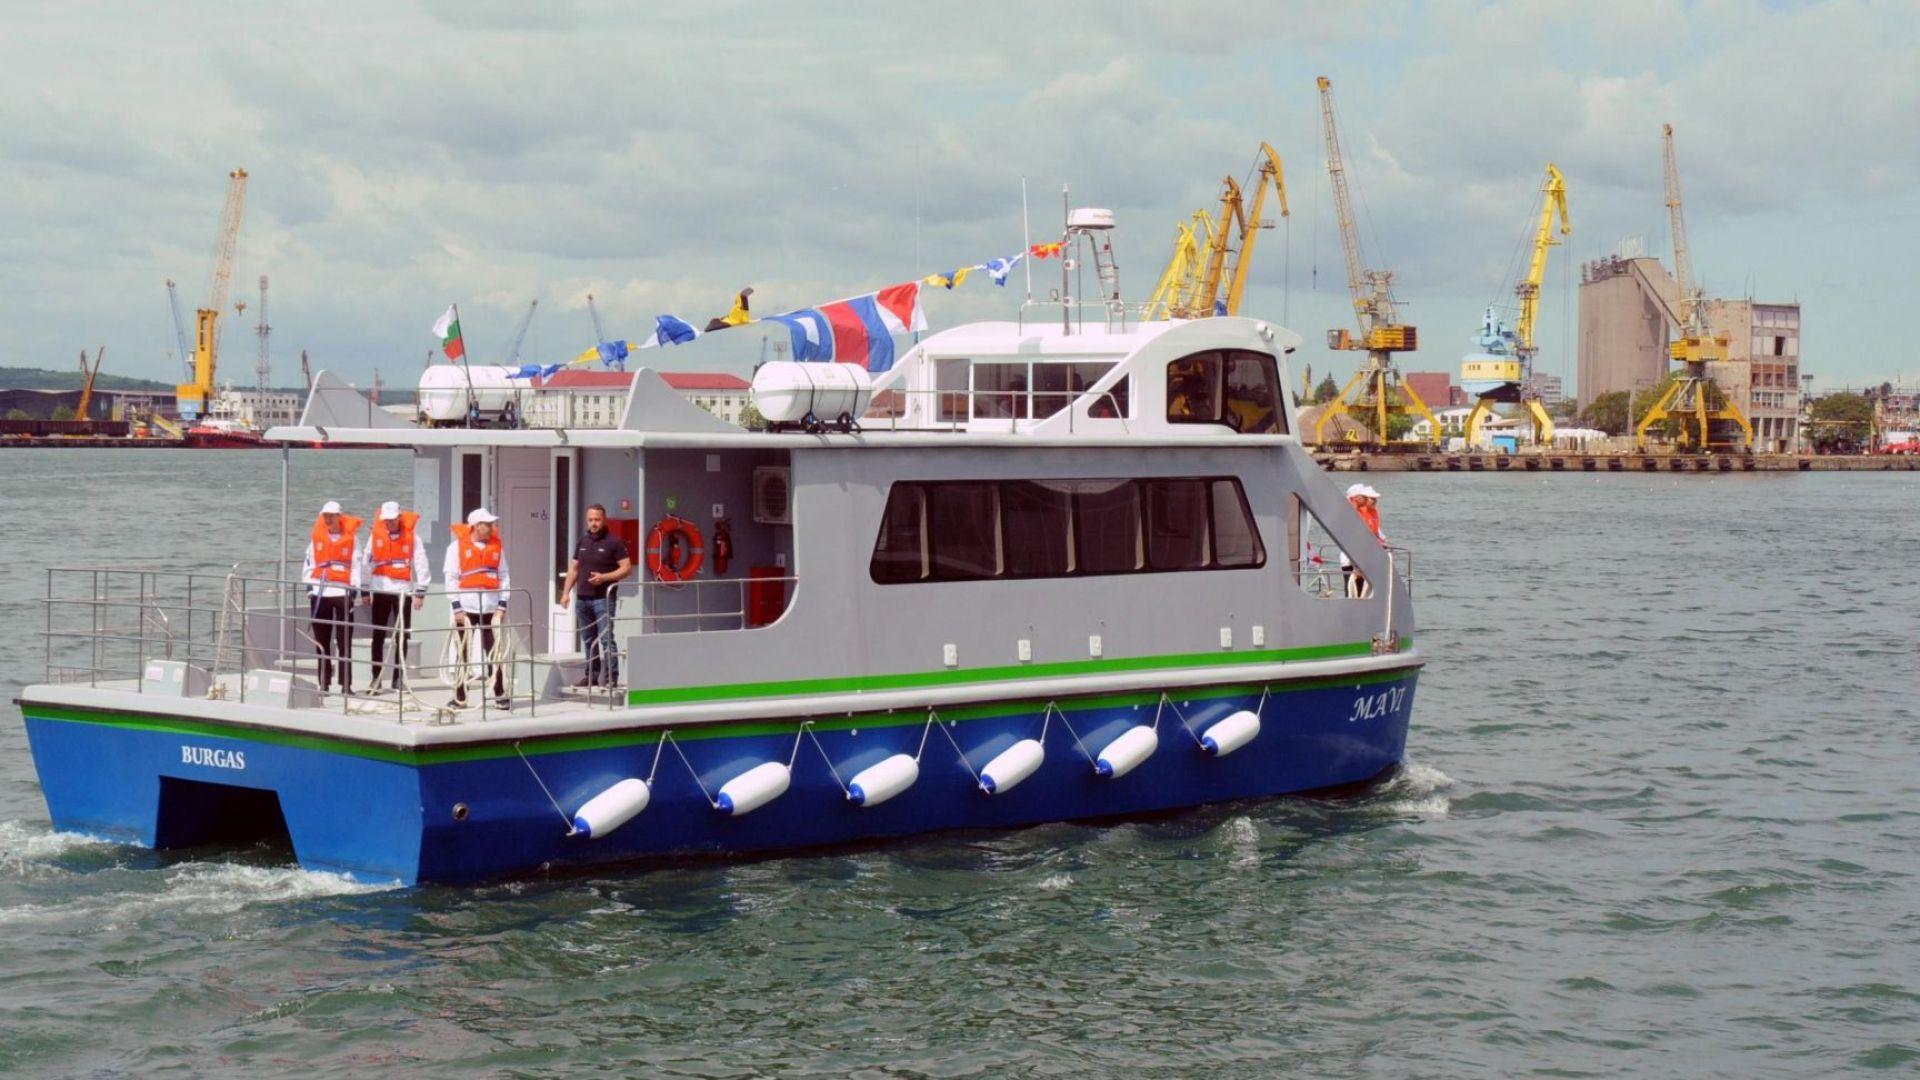 Моделът е разработен с хибридни двигатели и слънчеви панели